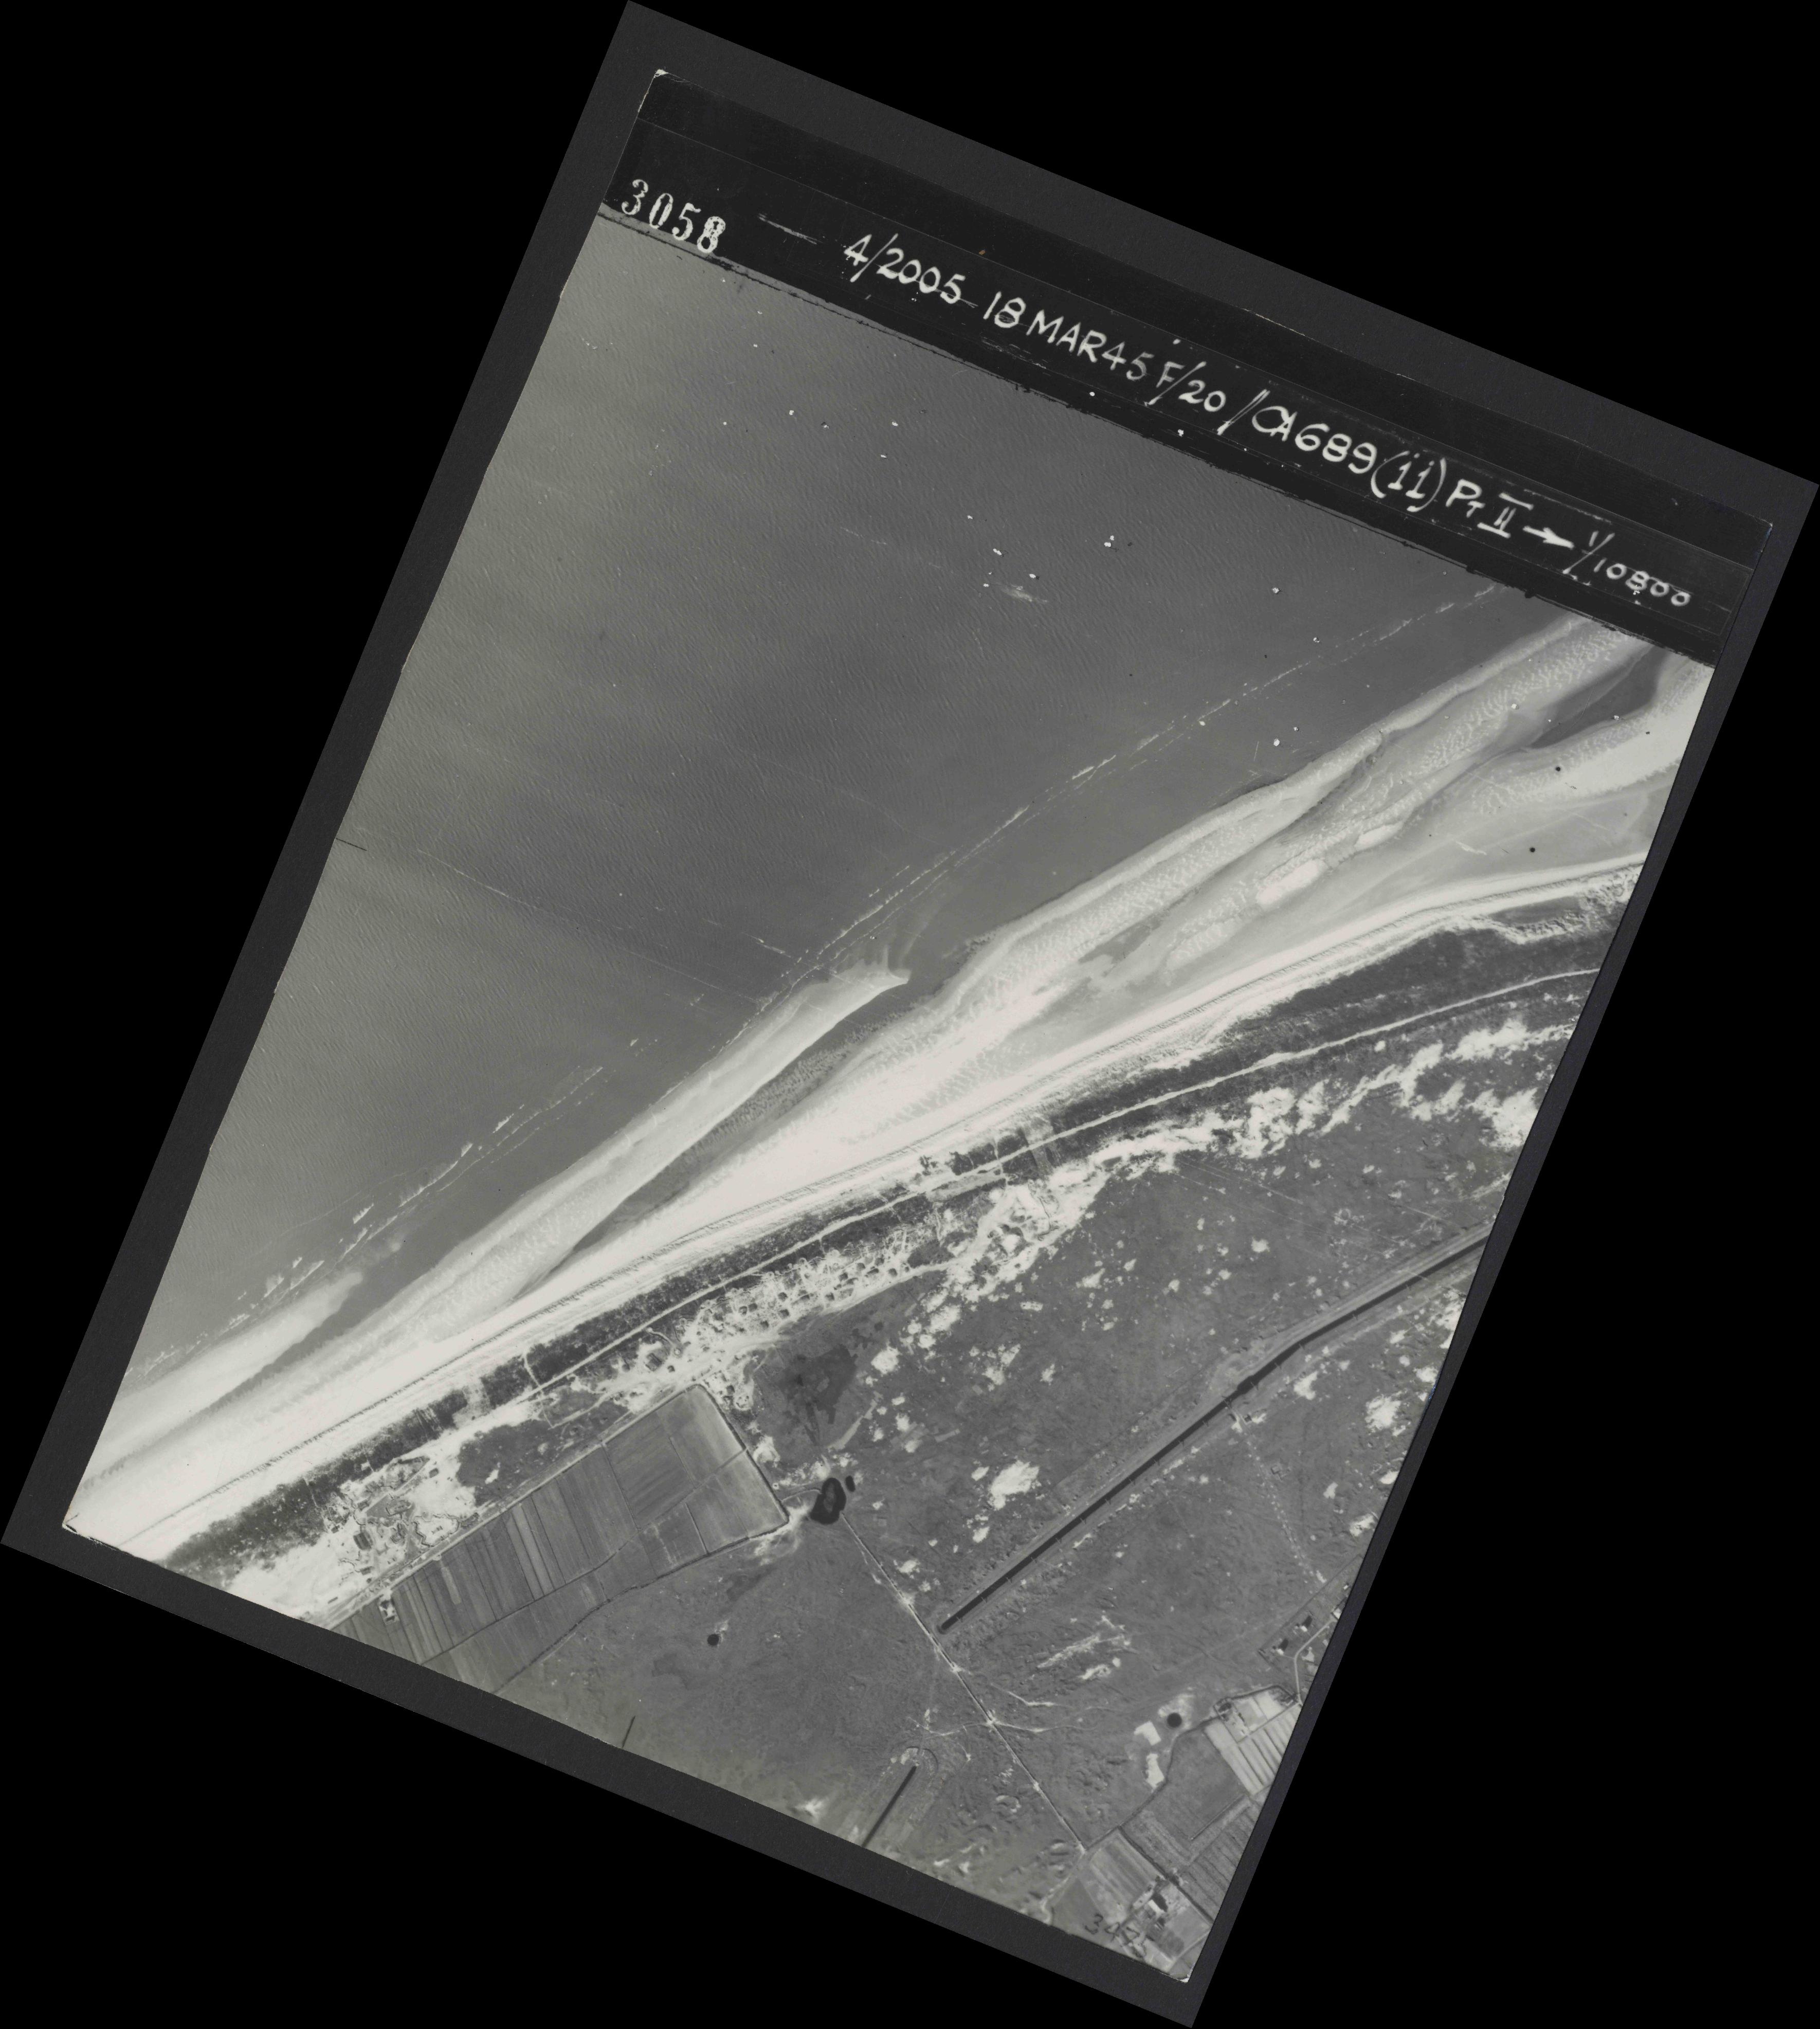 Collection RAF aerial photos 1940-1945 - flight 080, run 03, photo 3058